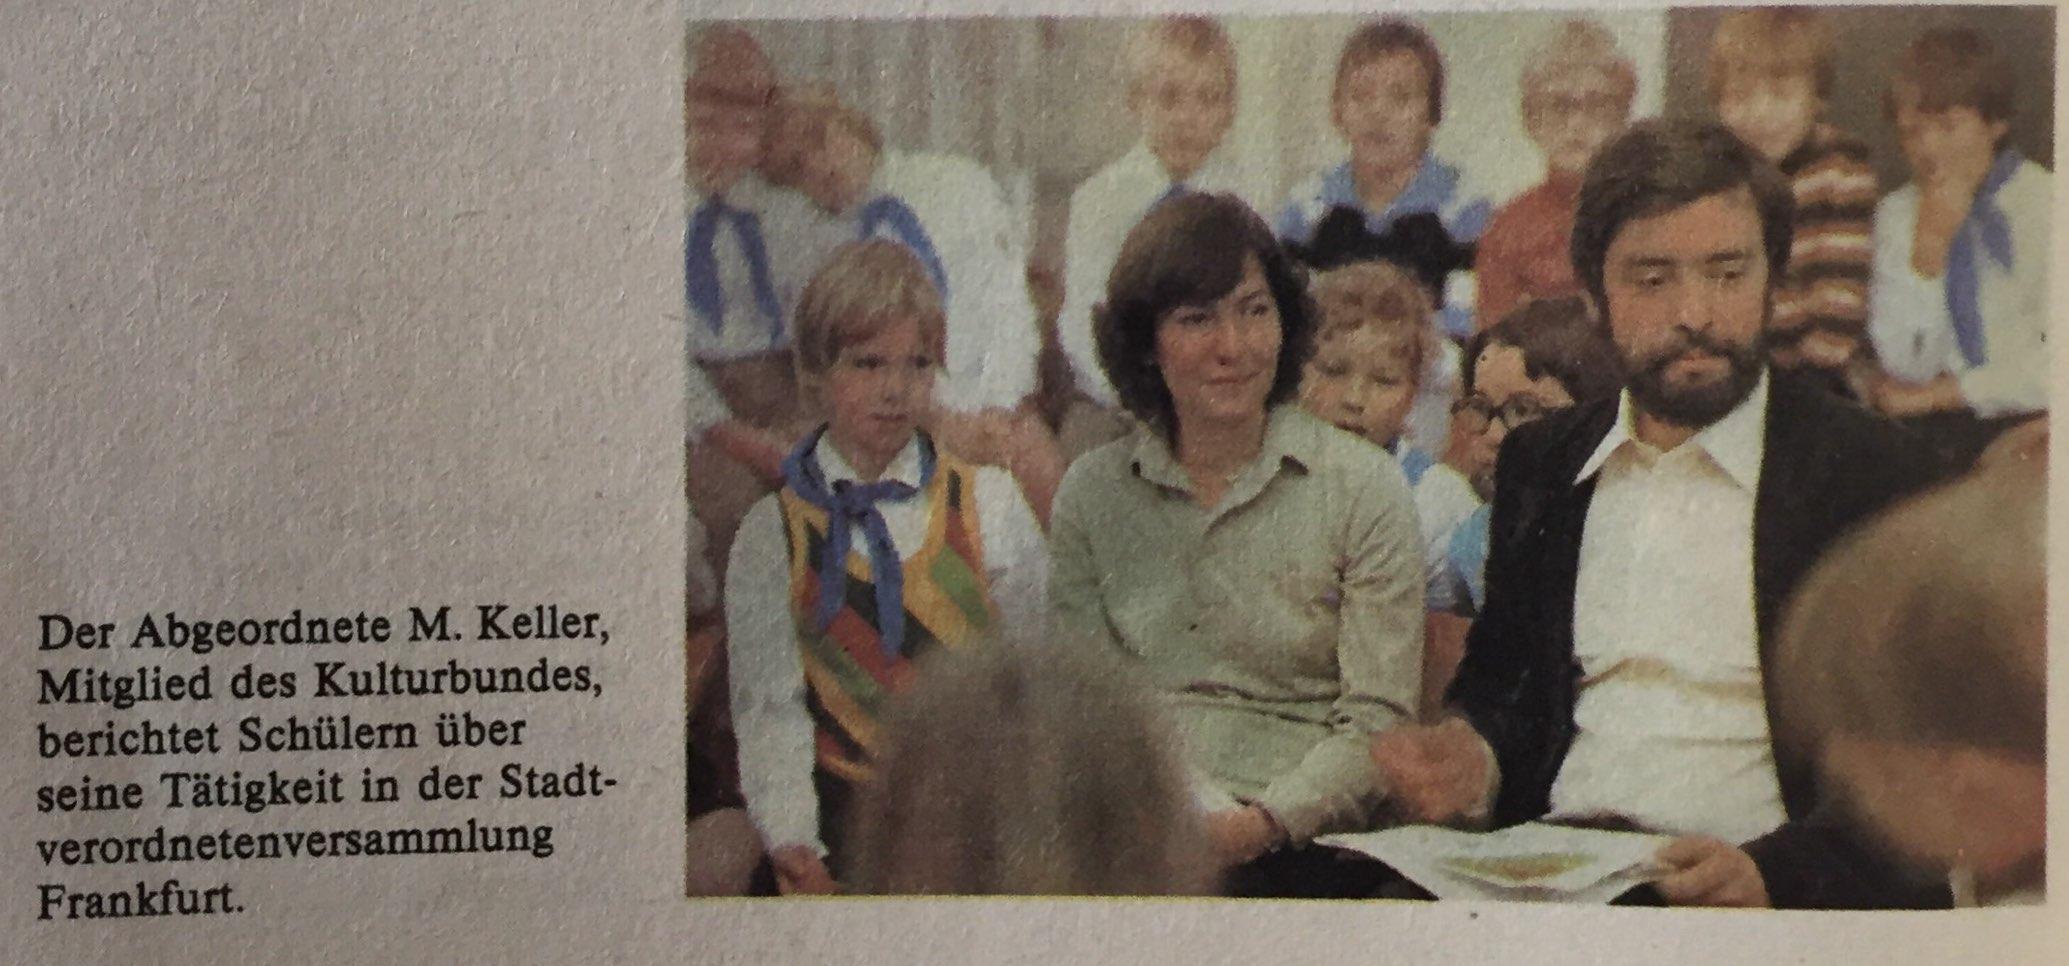 Wahl und Tätigkeit der Abgeordneten in der DDR